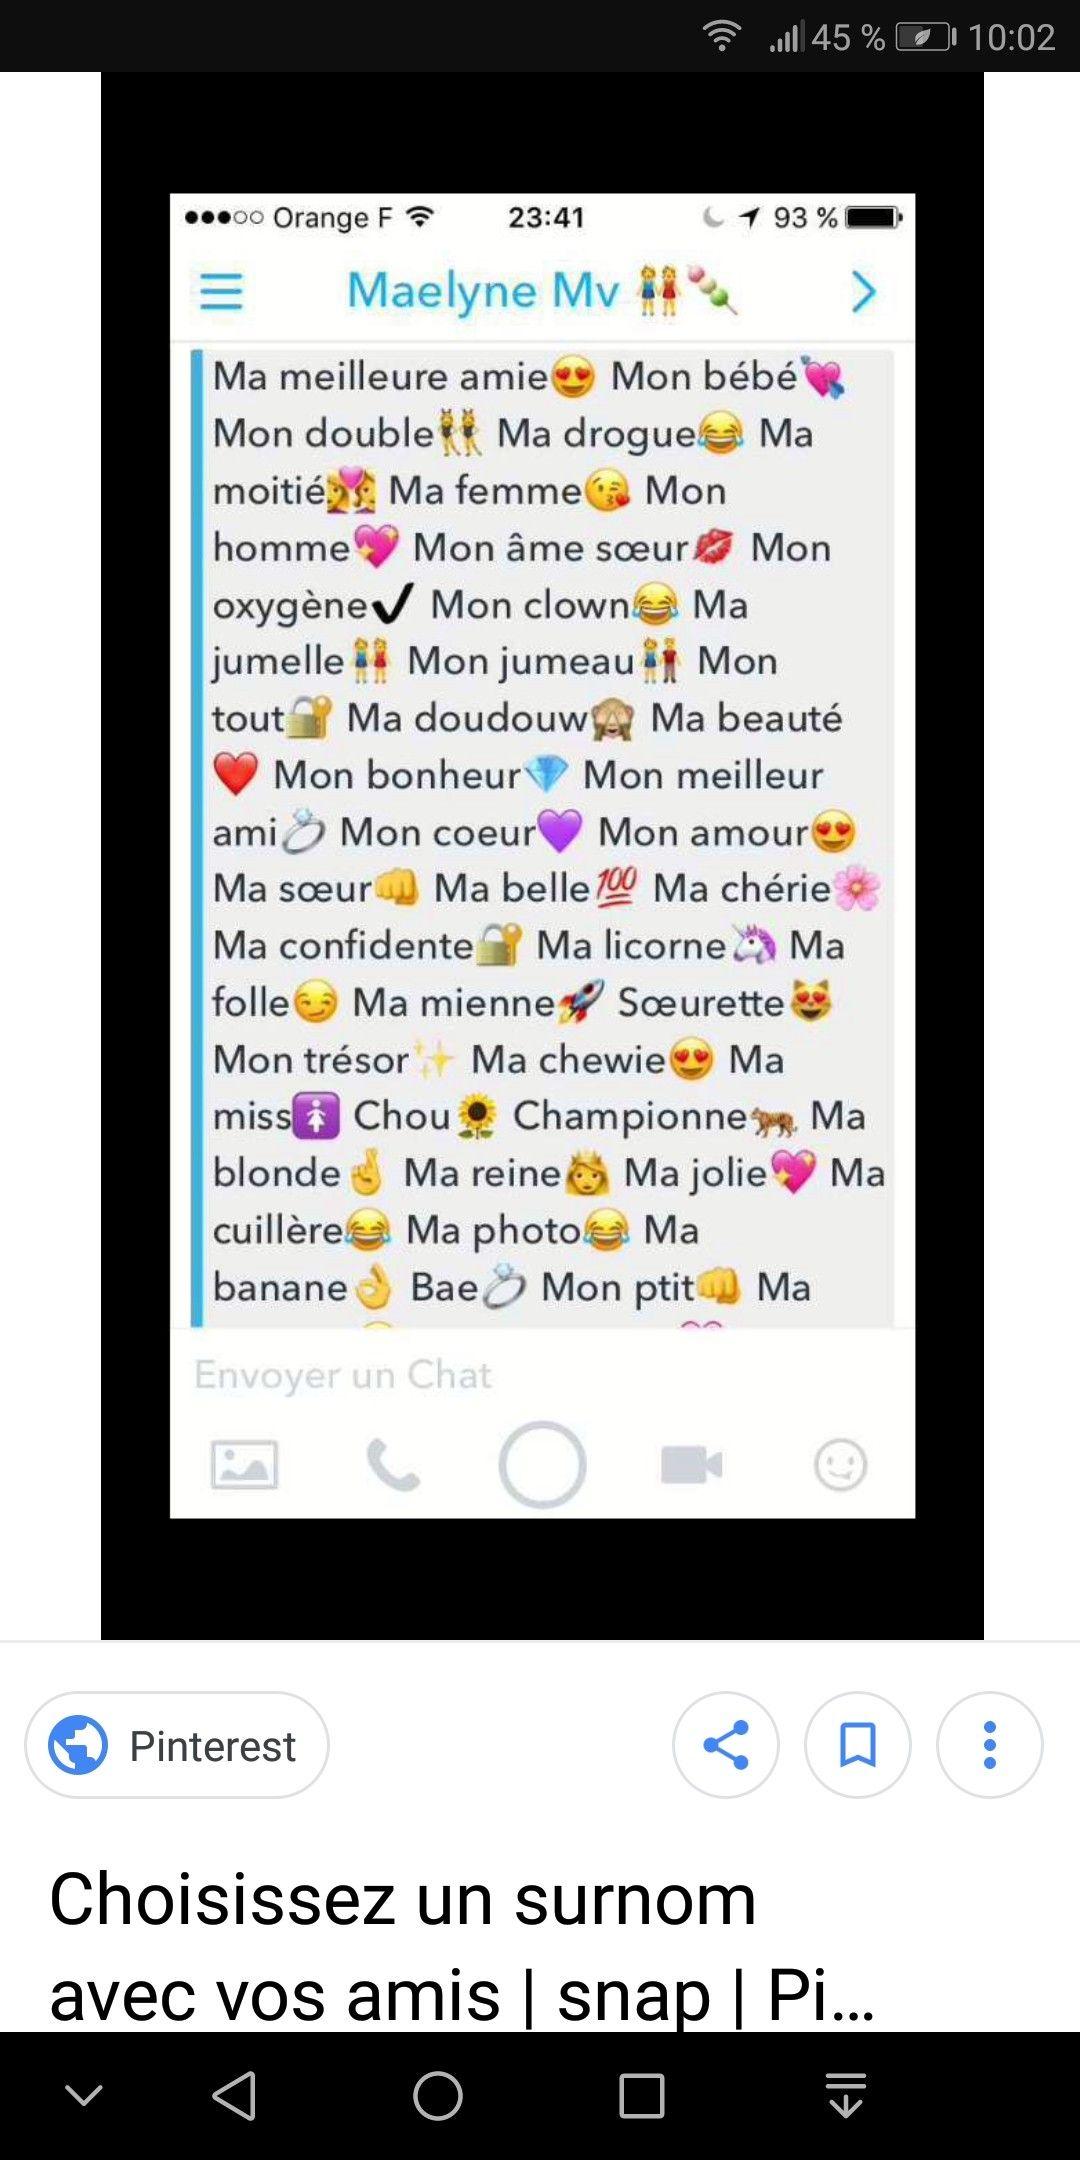 épinglé Par Douaa Bechlem Sur Snapchat Surnom Amie